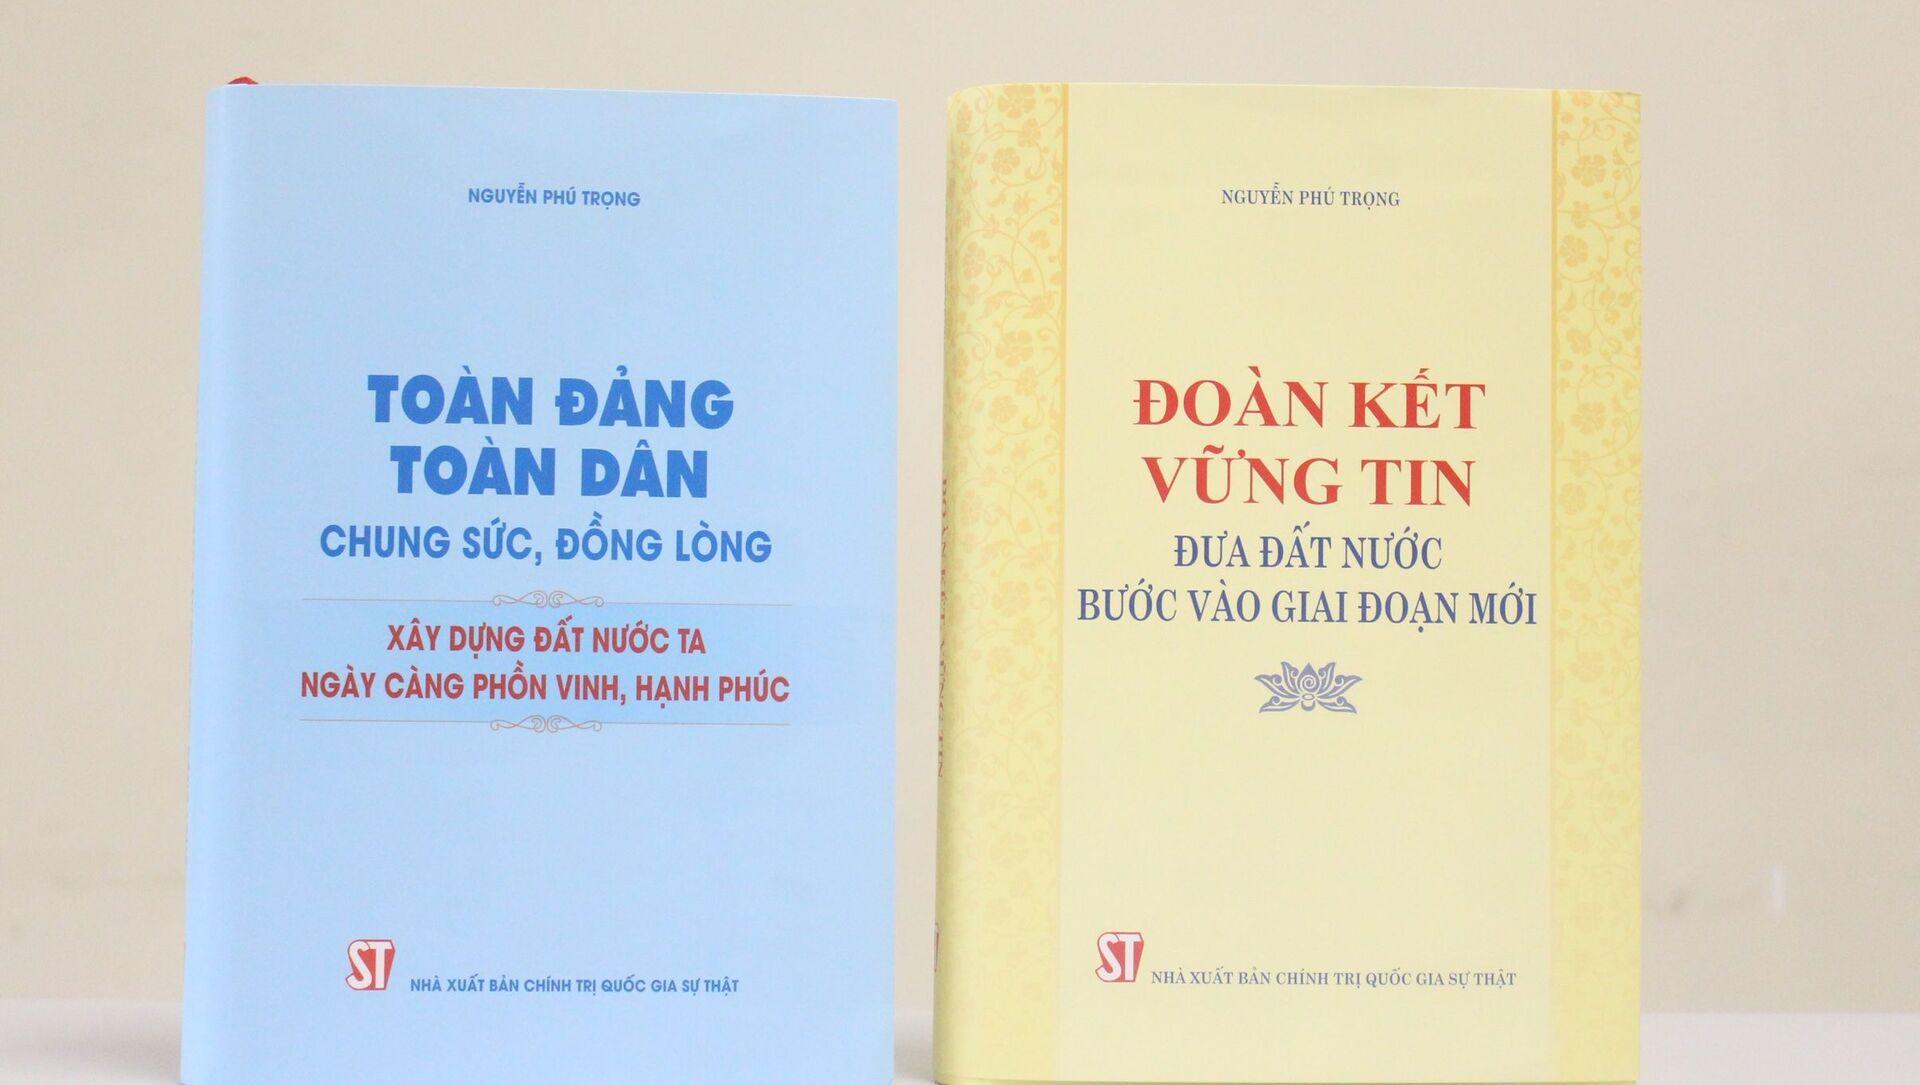 Nhà xuất bản Chính trị quốc gia Sự thật giới thiệu hai cuốn sách của đồng chí Tổng Bí thư Nguyễn Phú Trọng. - Sputnik Việt Nam, 1920, 02.09.2021